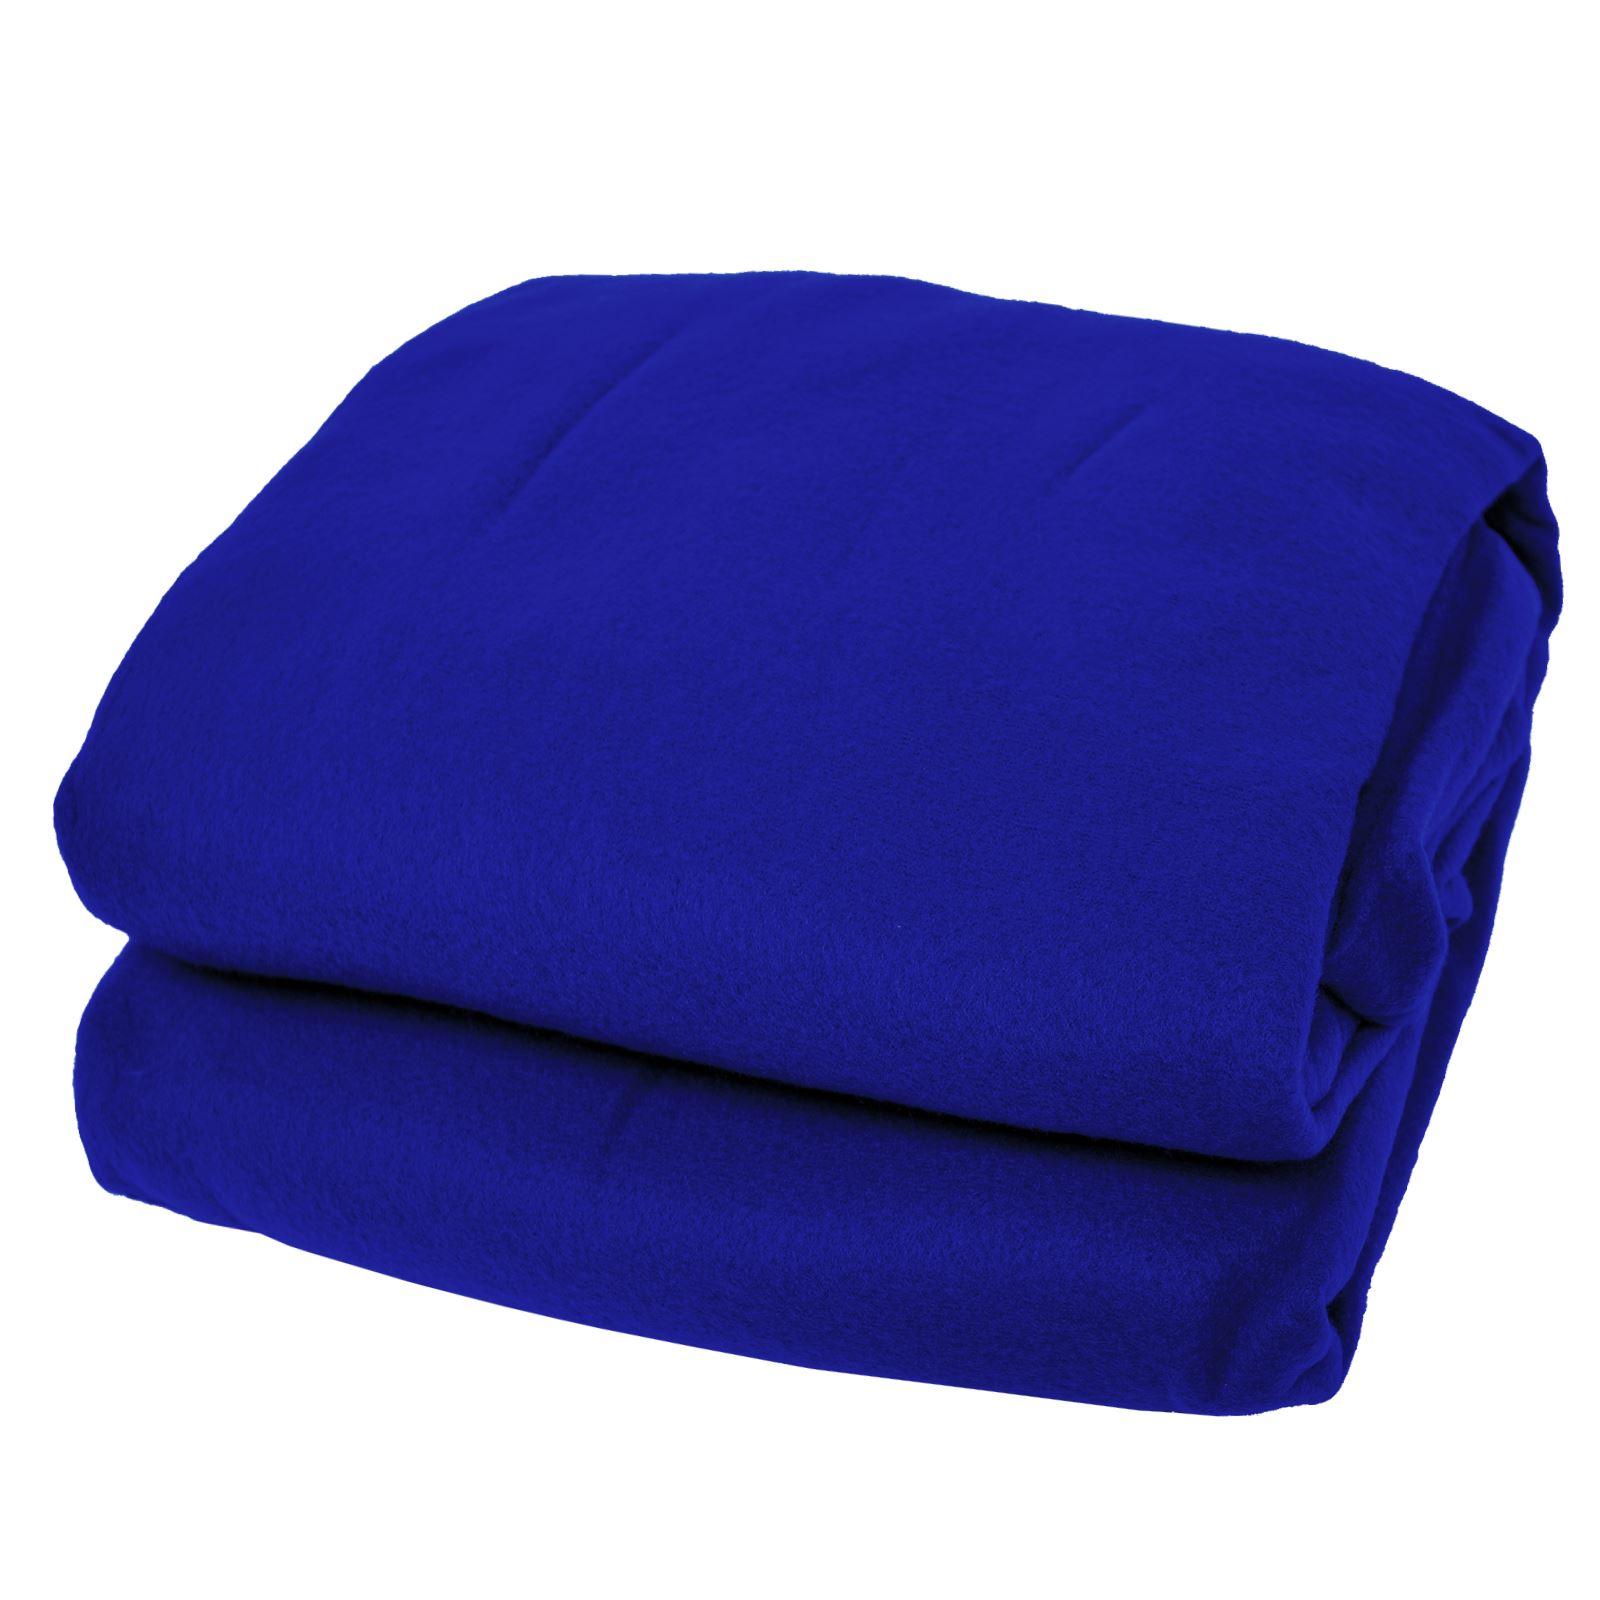 Cuddle-blanket-snuggle-peluche-polaire-douce-wrap-avec-manches-hiver-confortable-chaud-douillet miniature 6